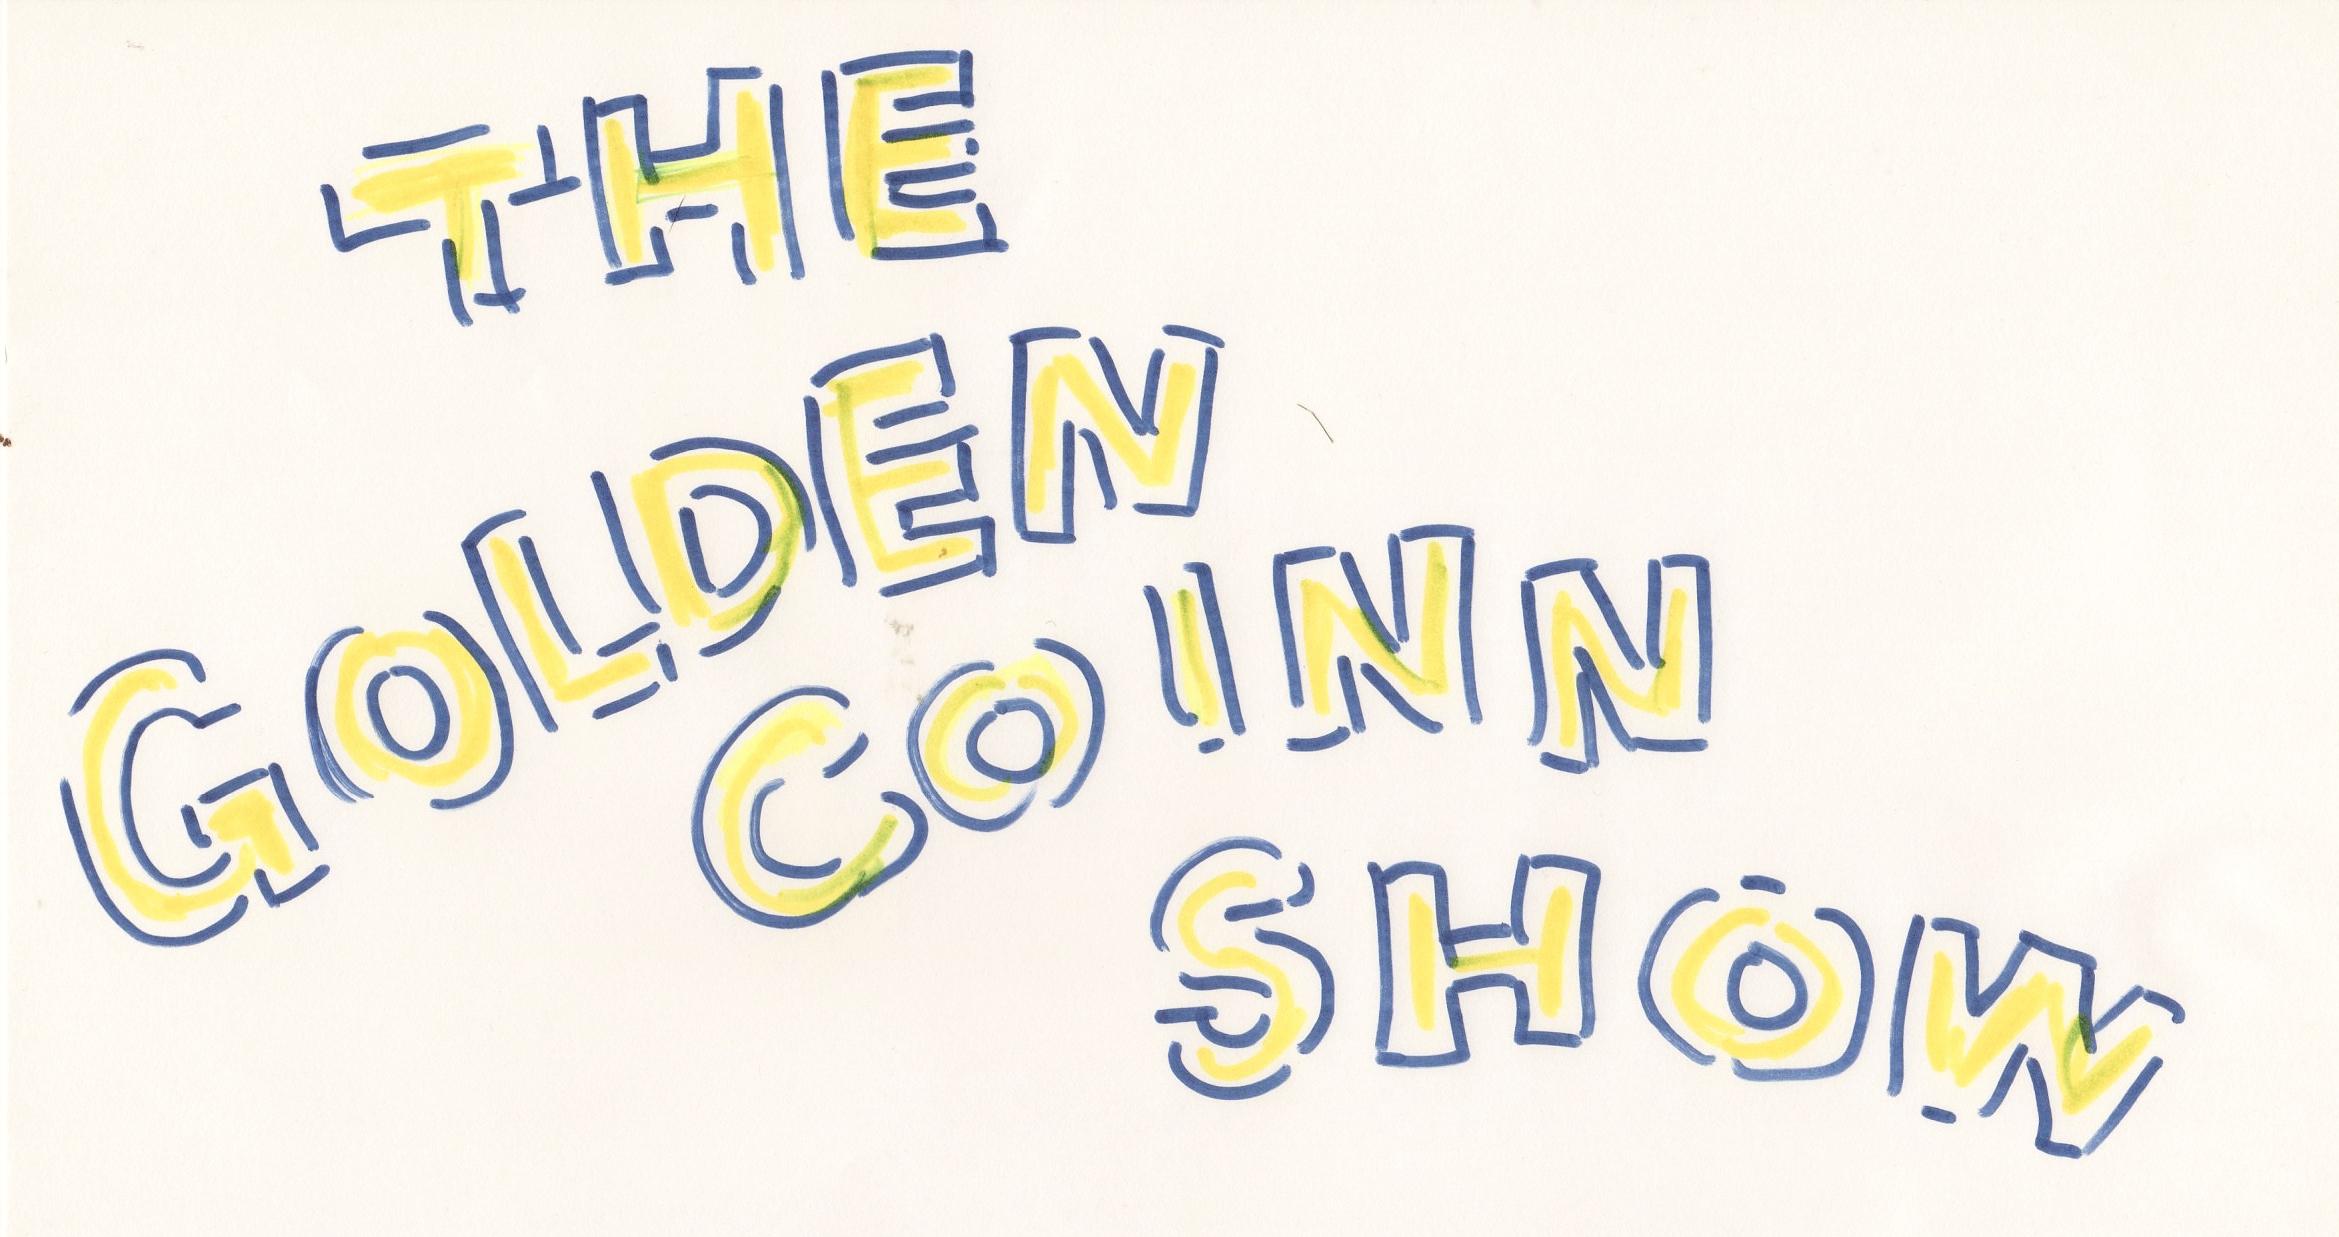 golden093